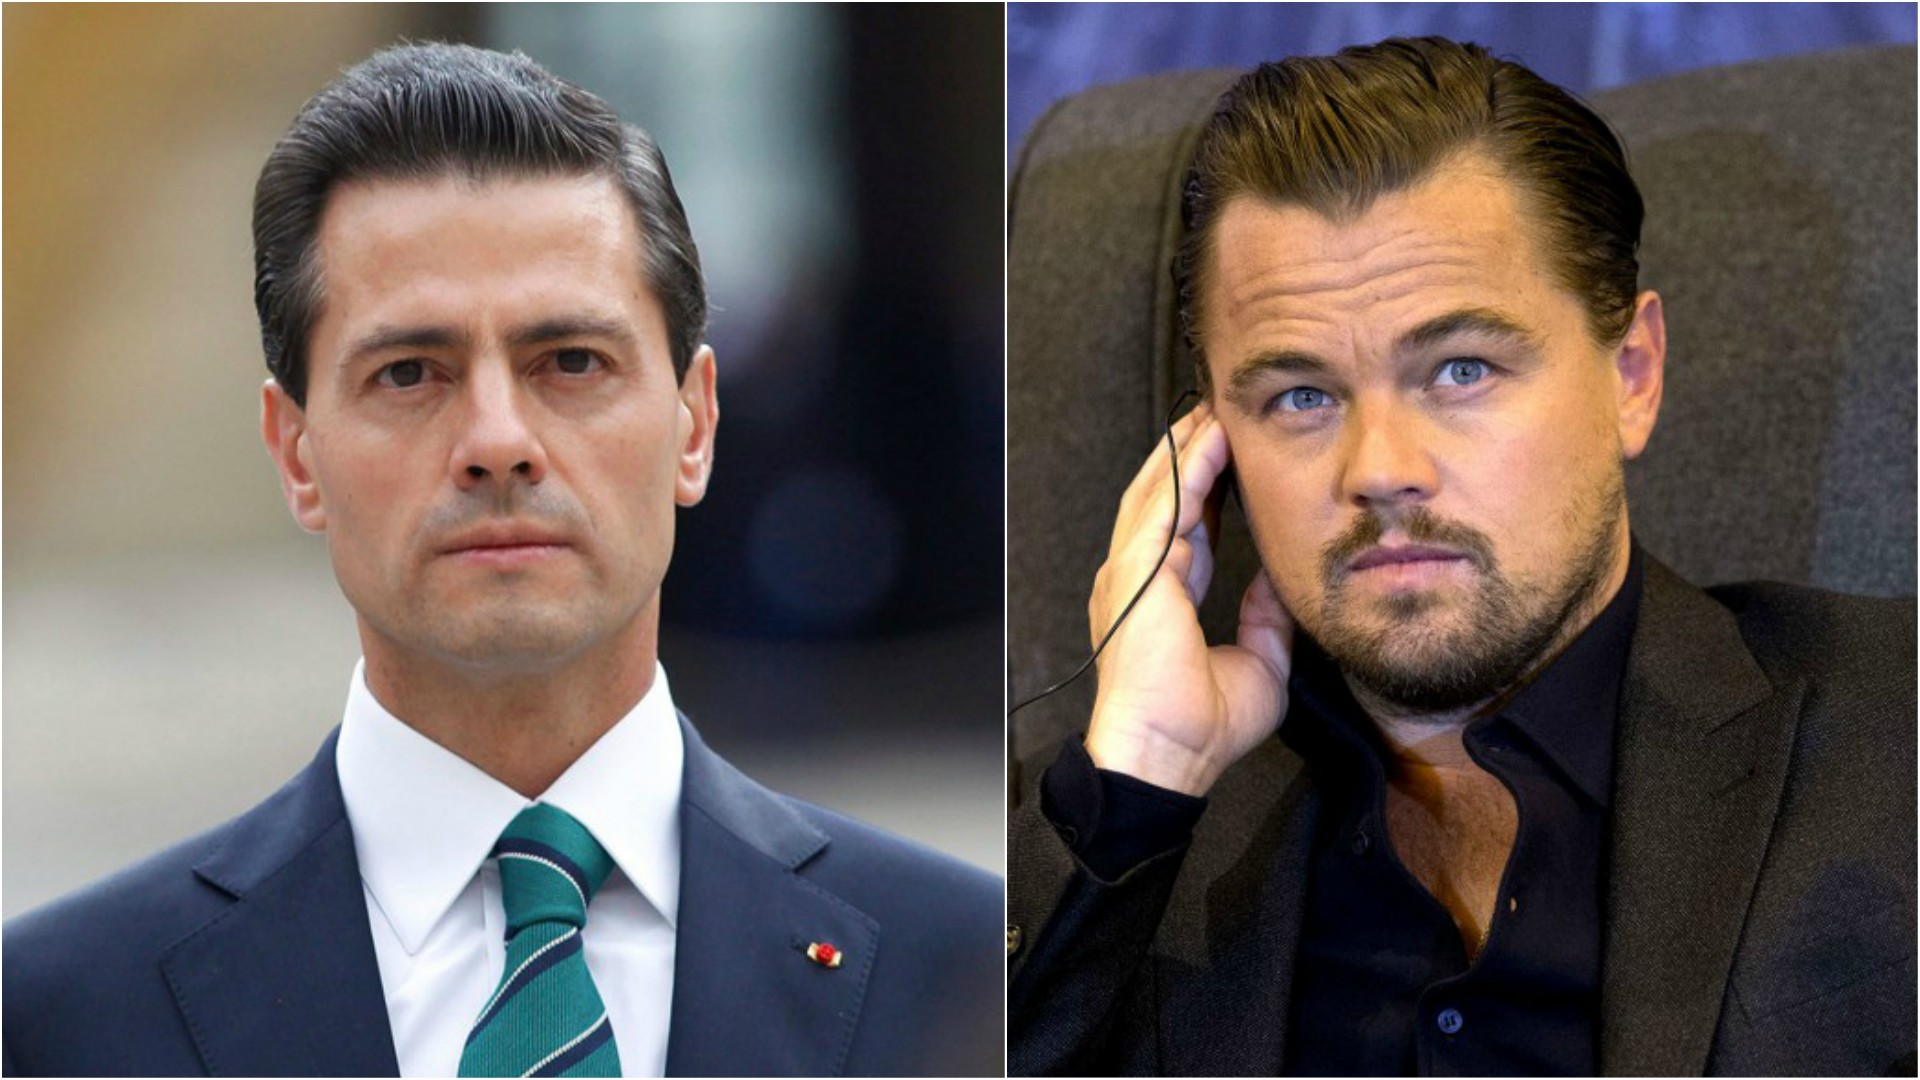 El presidente de México Enrique Peña Nieto y el actor estadounidense Leonardo DiCaprio